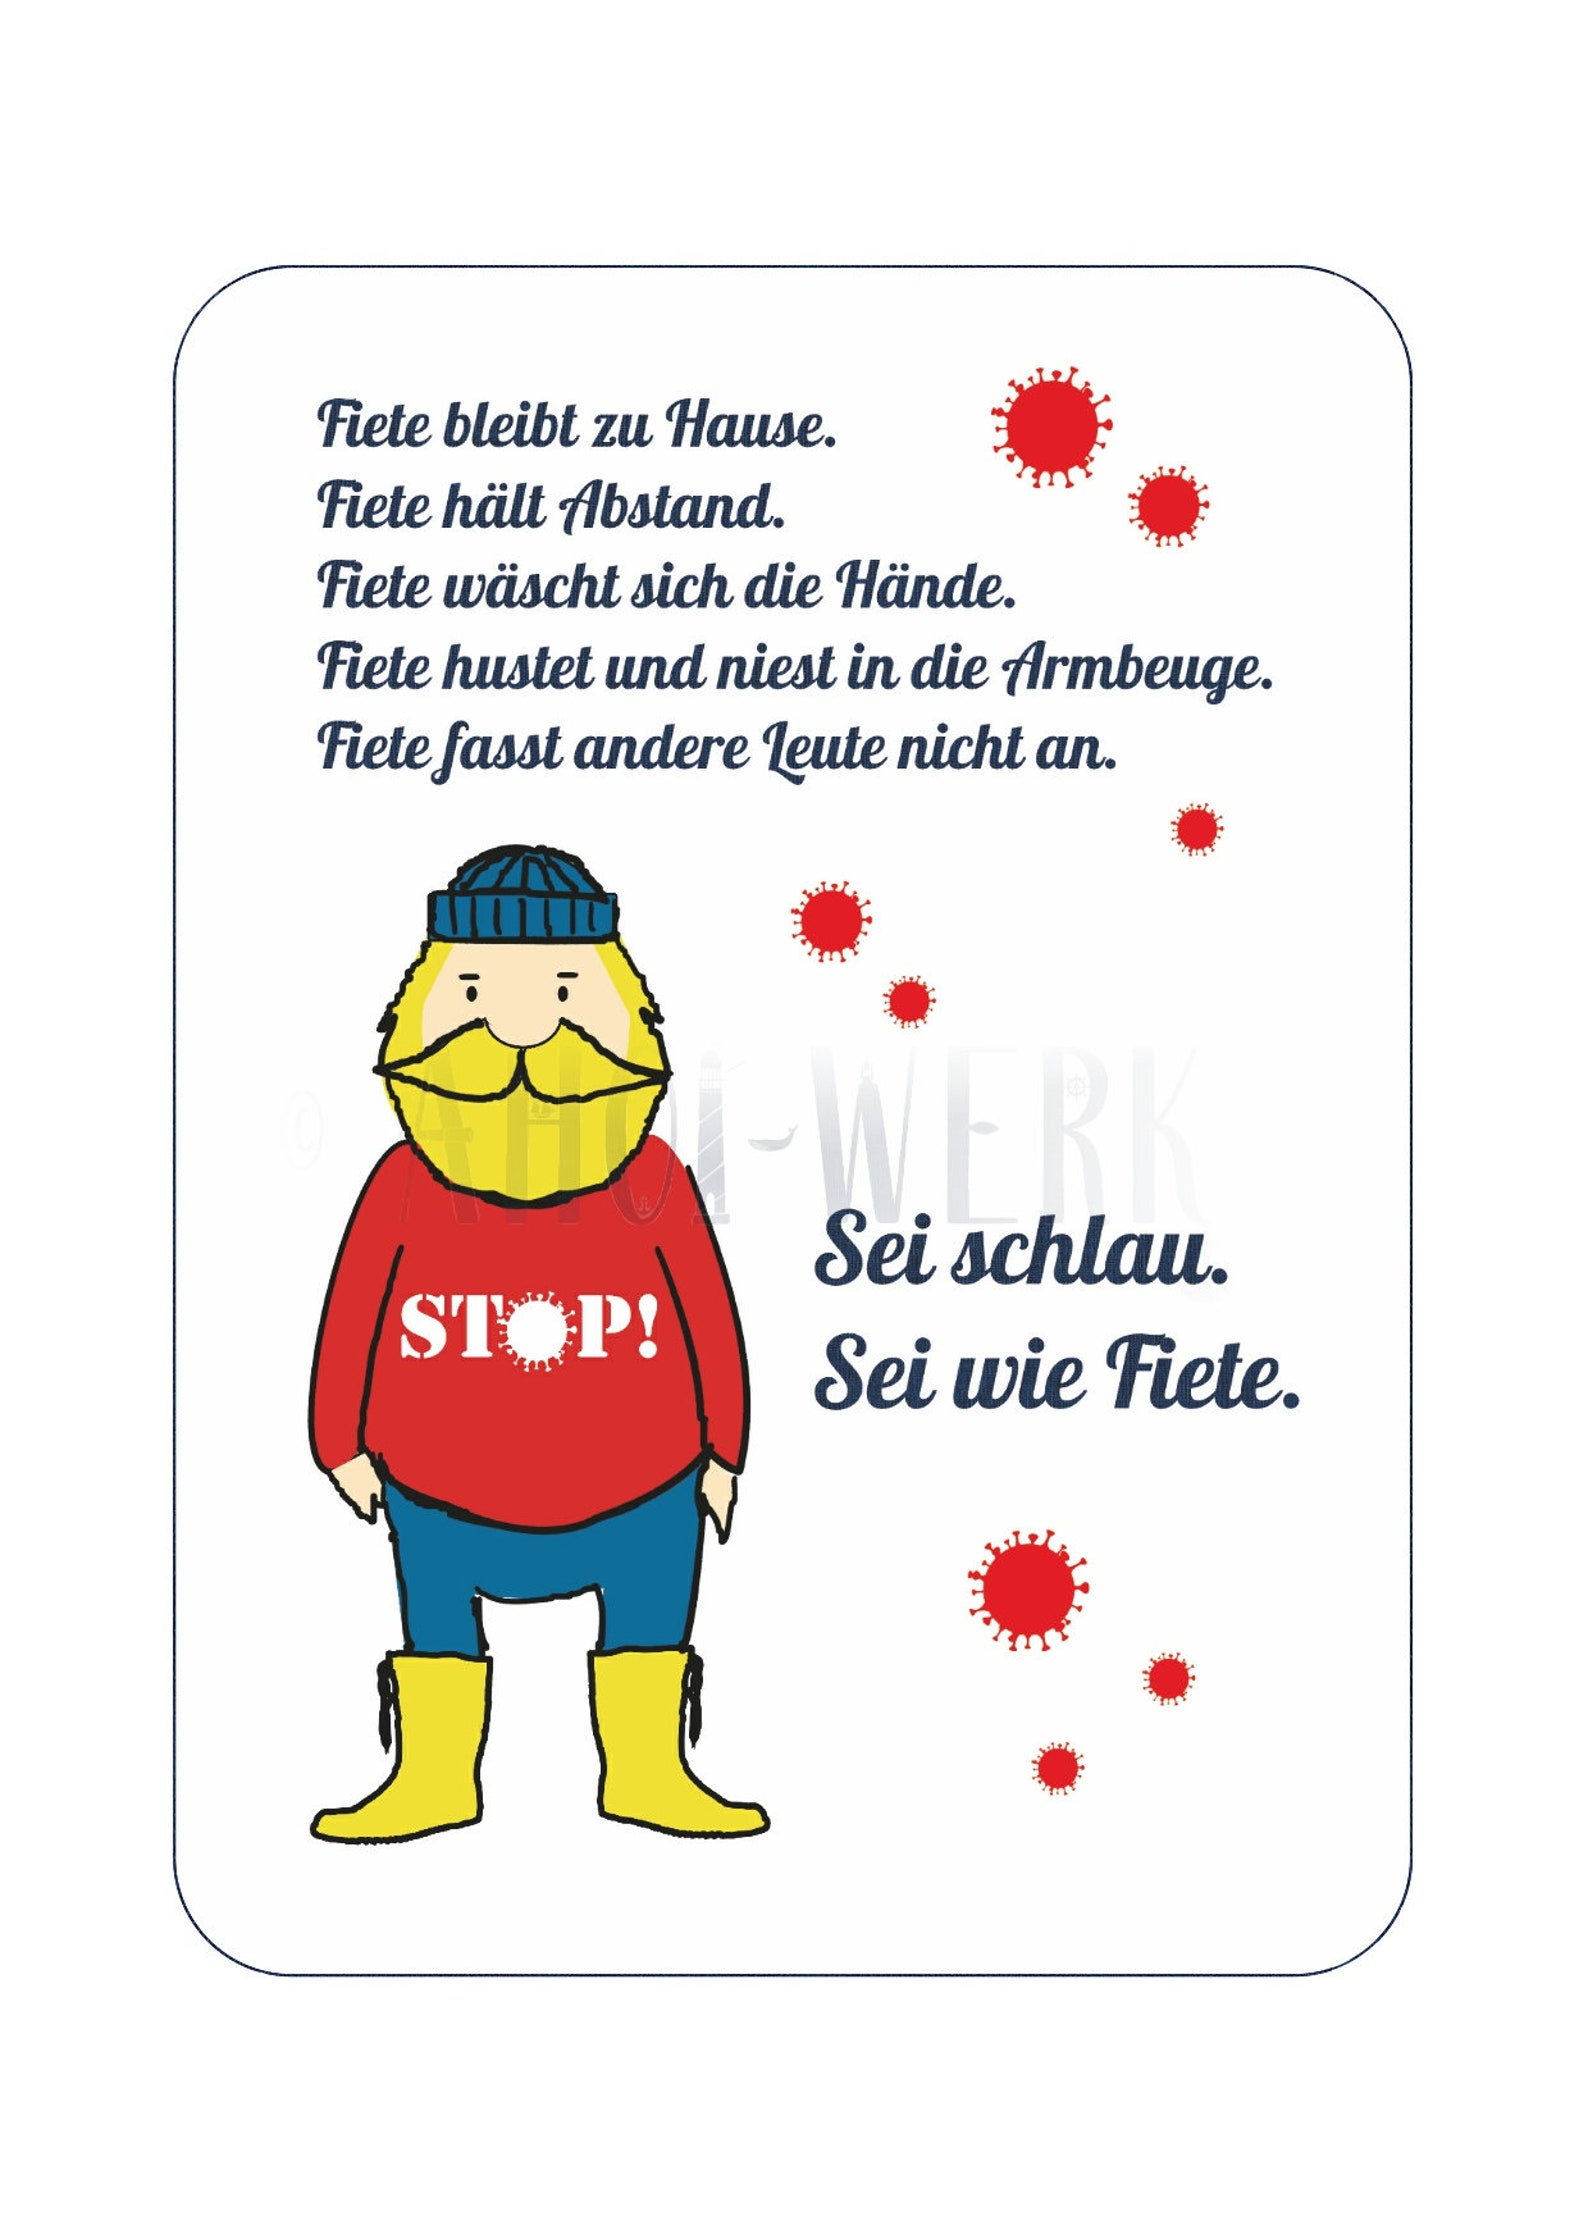 Witzige Postkarte mit Corona-Regeln Fiete   Etsy